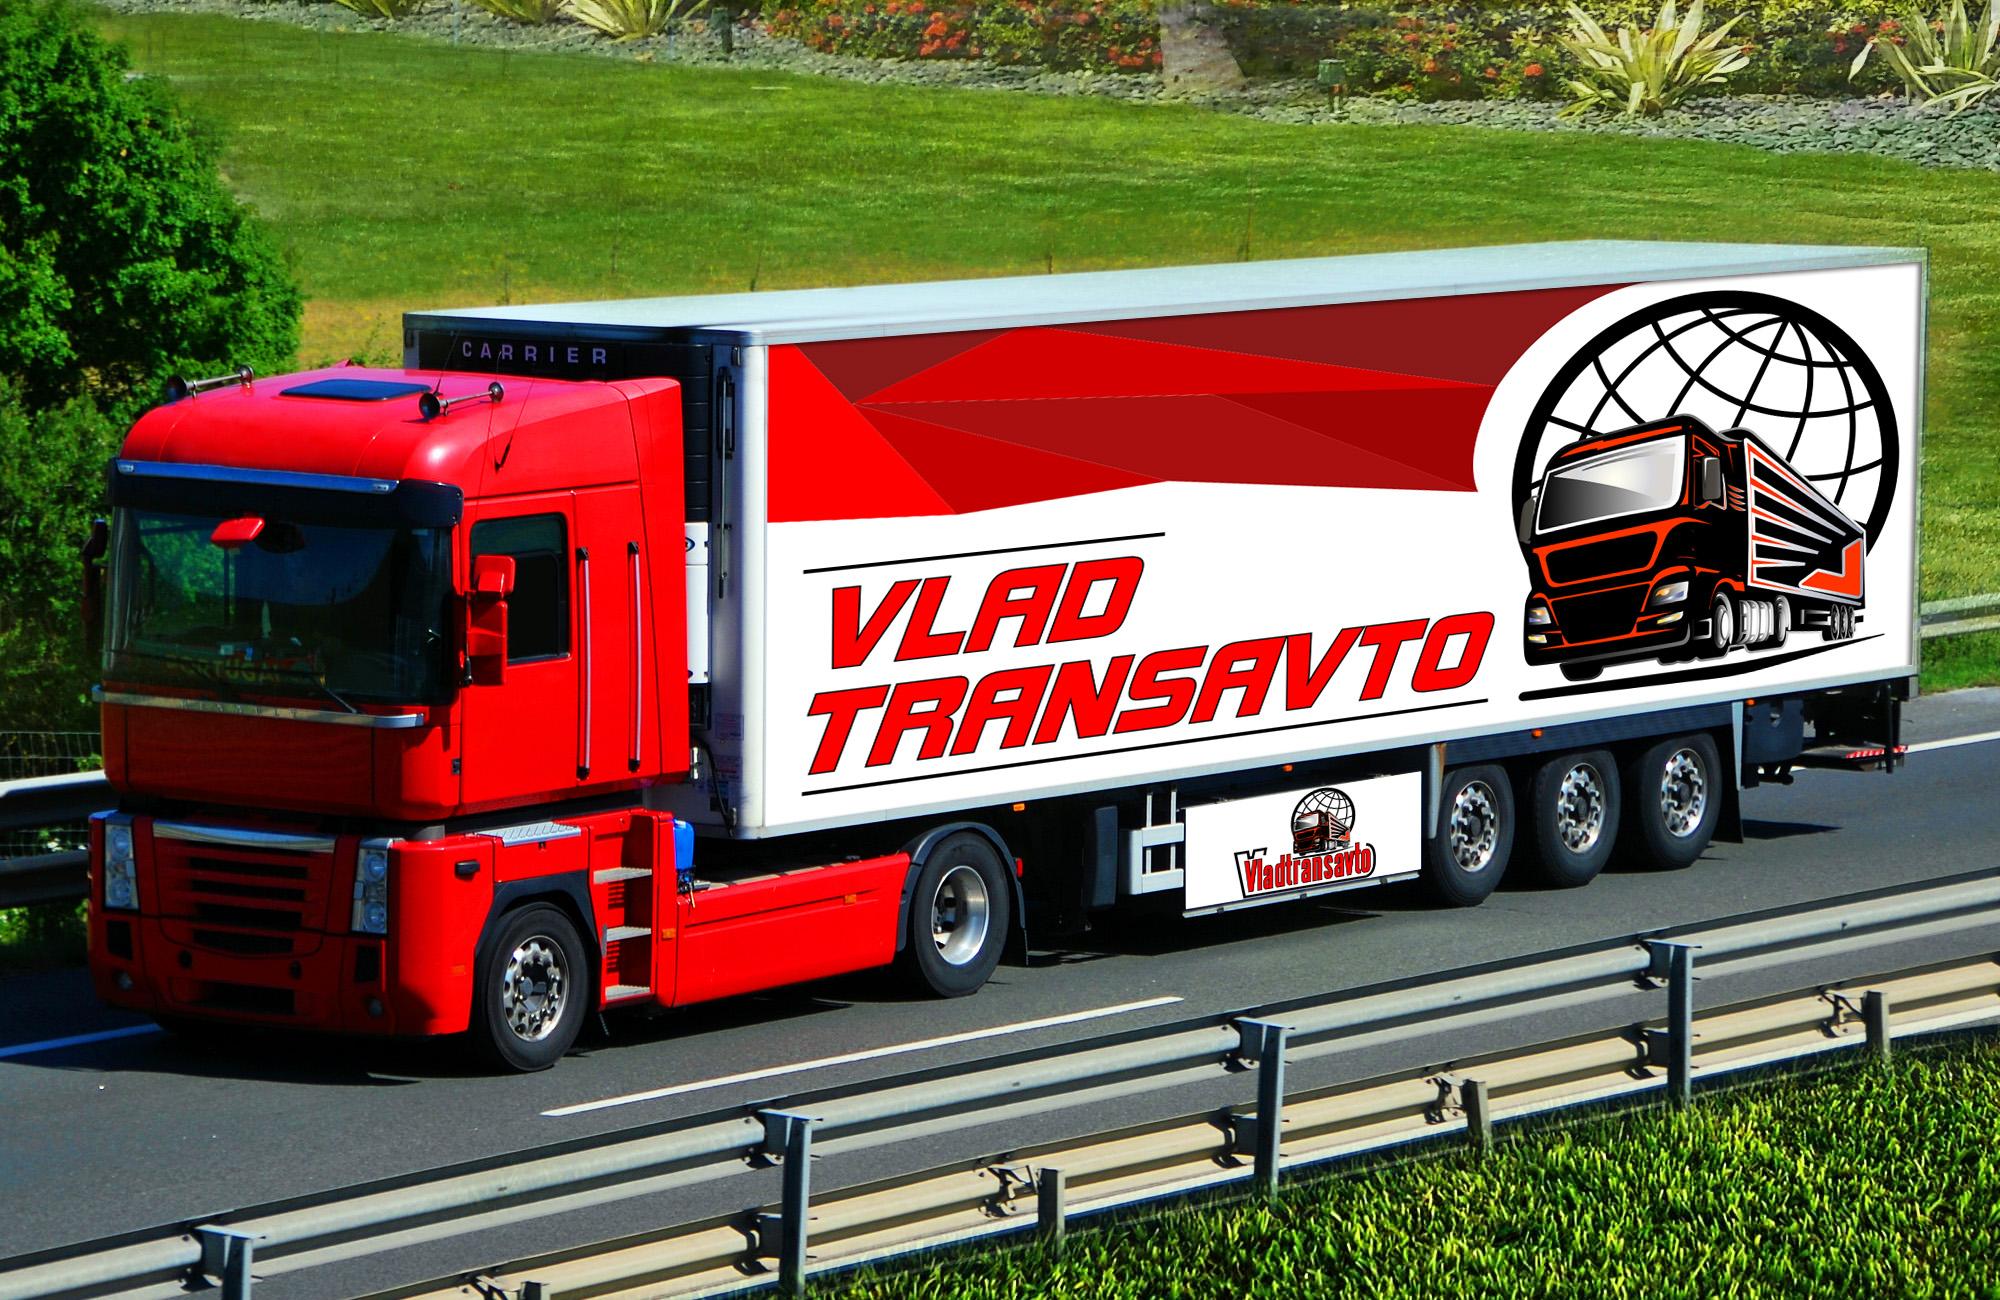 Логотип и фирменный стиль для транспортной компании Владтрансавто фото f_1835ceee5eb11462.jpg